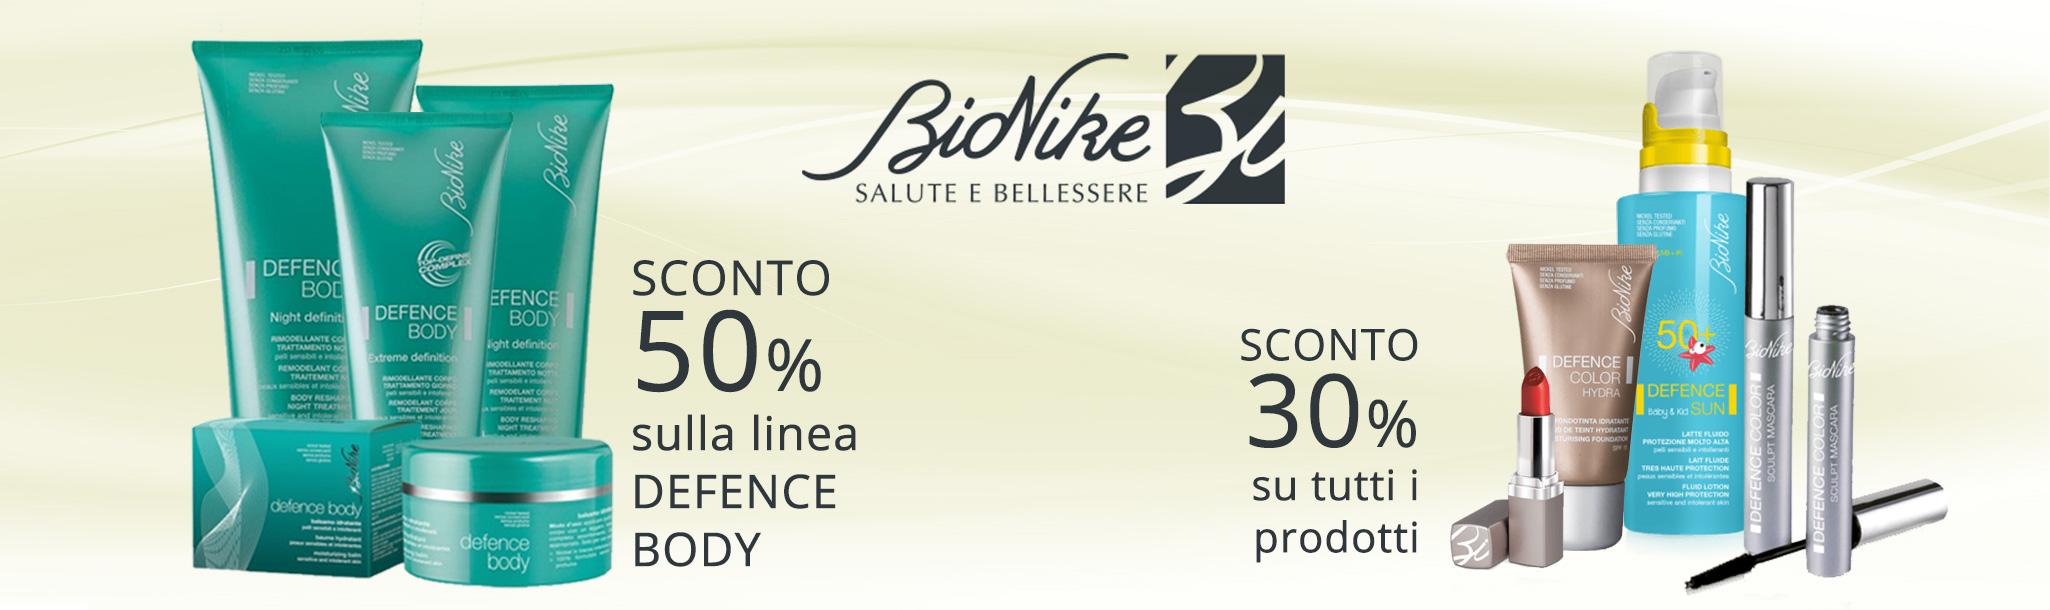 Sconto 50% sulla linea Defence Body e Sconto 30% su tutti i prodotti Bionike.